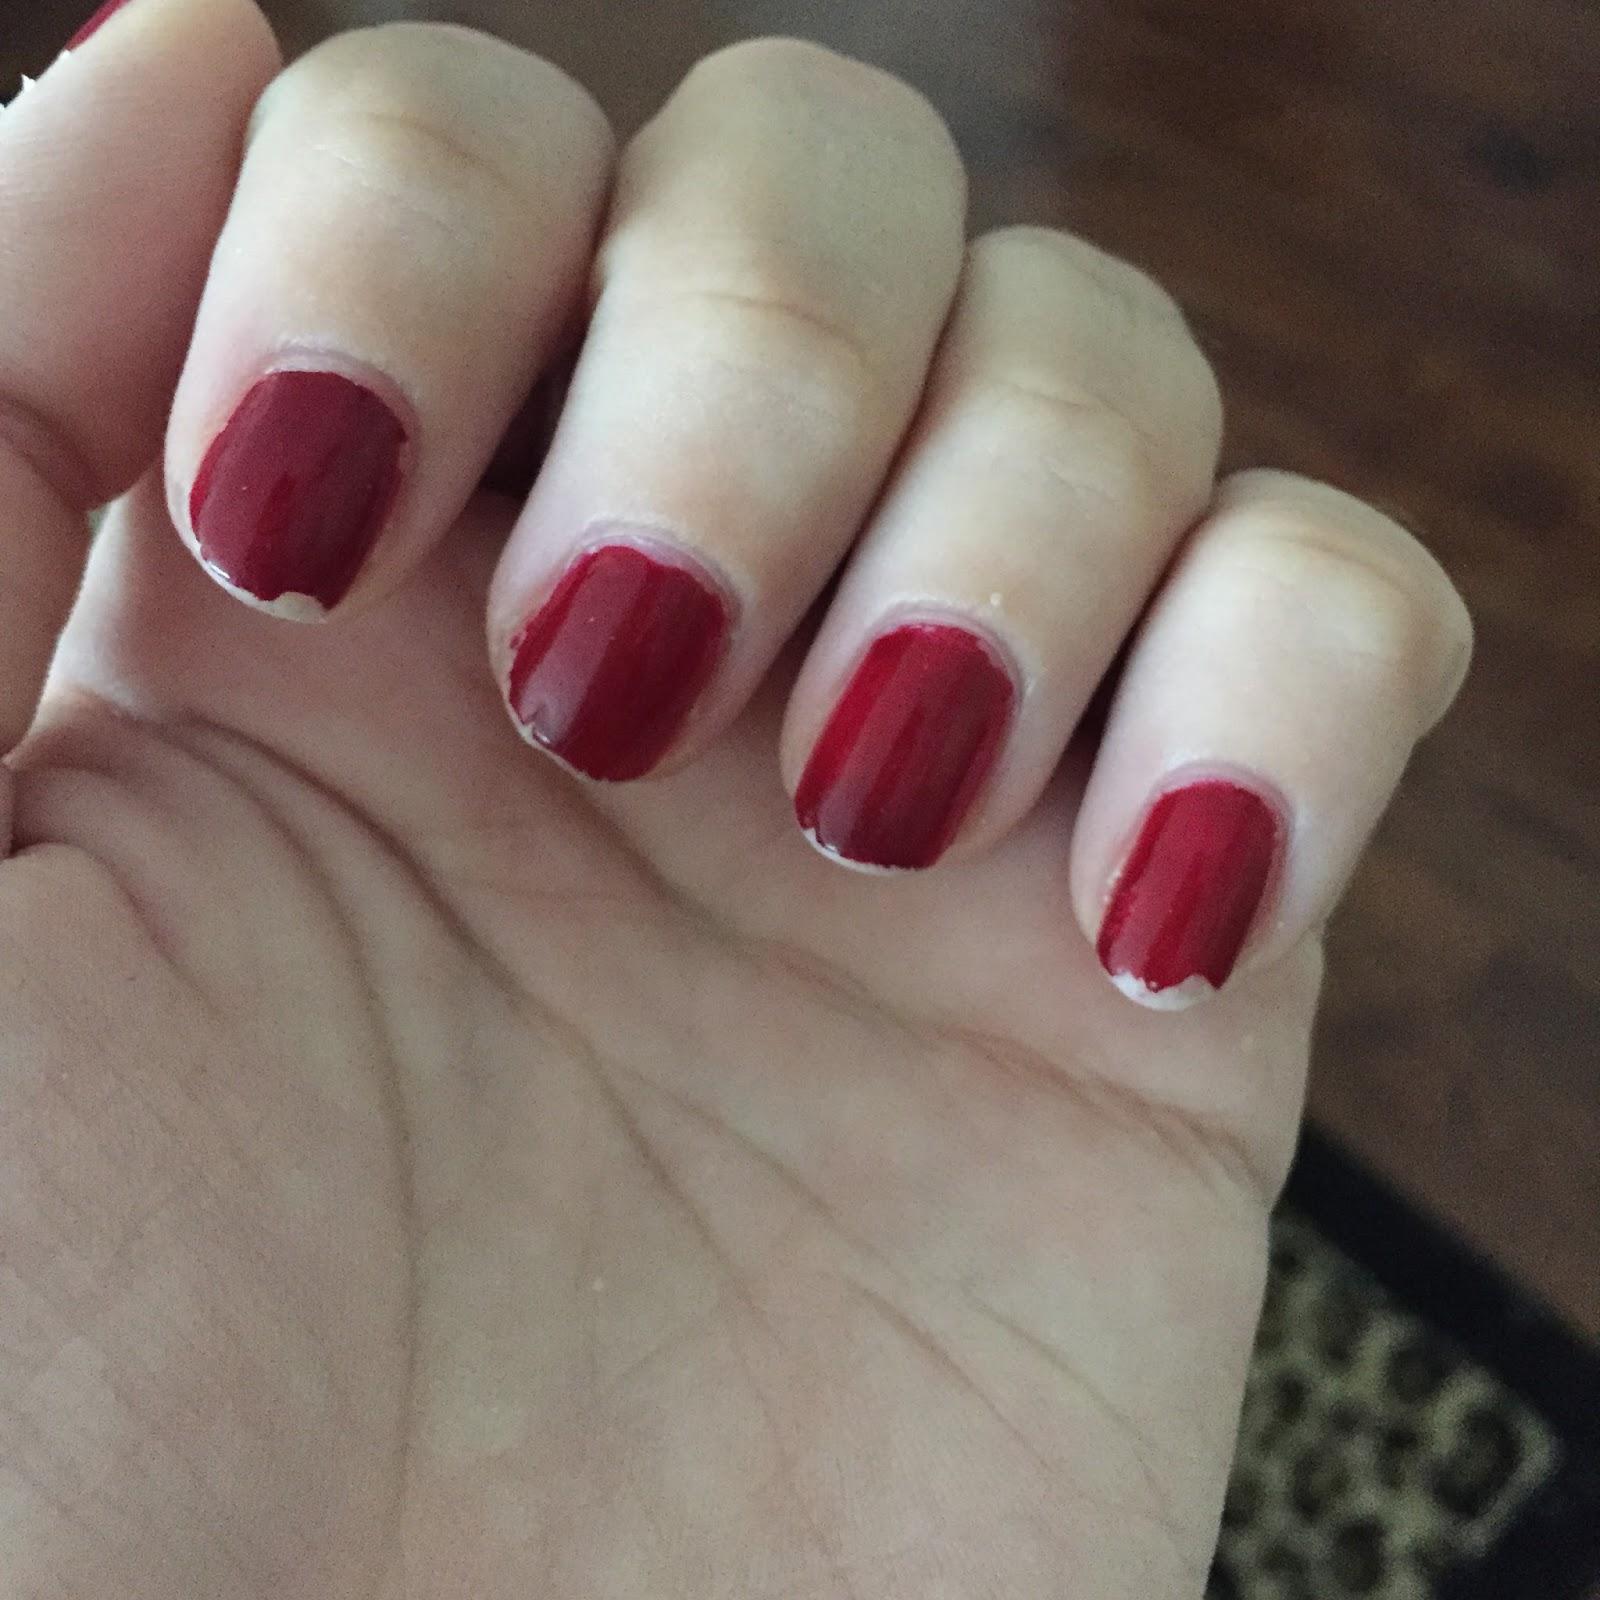 Manicure Monday - Royally Pink